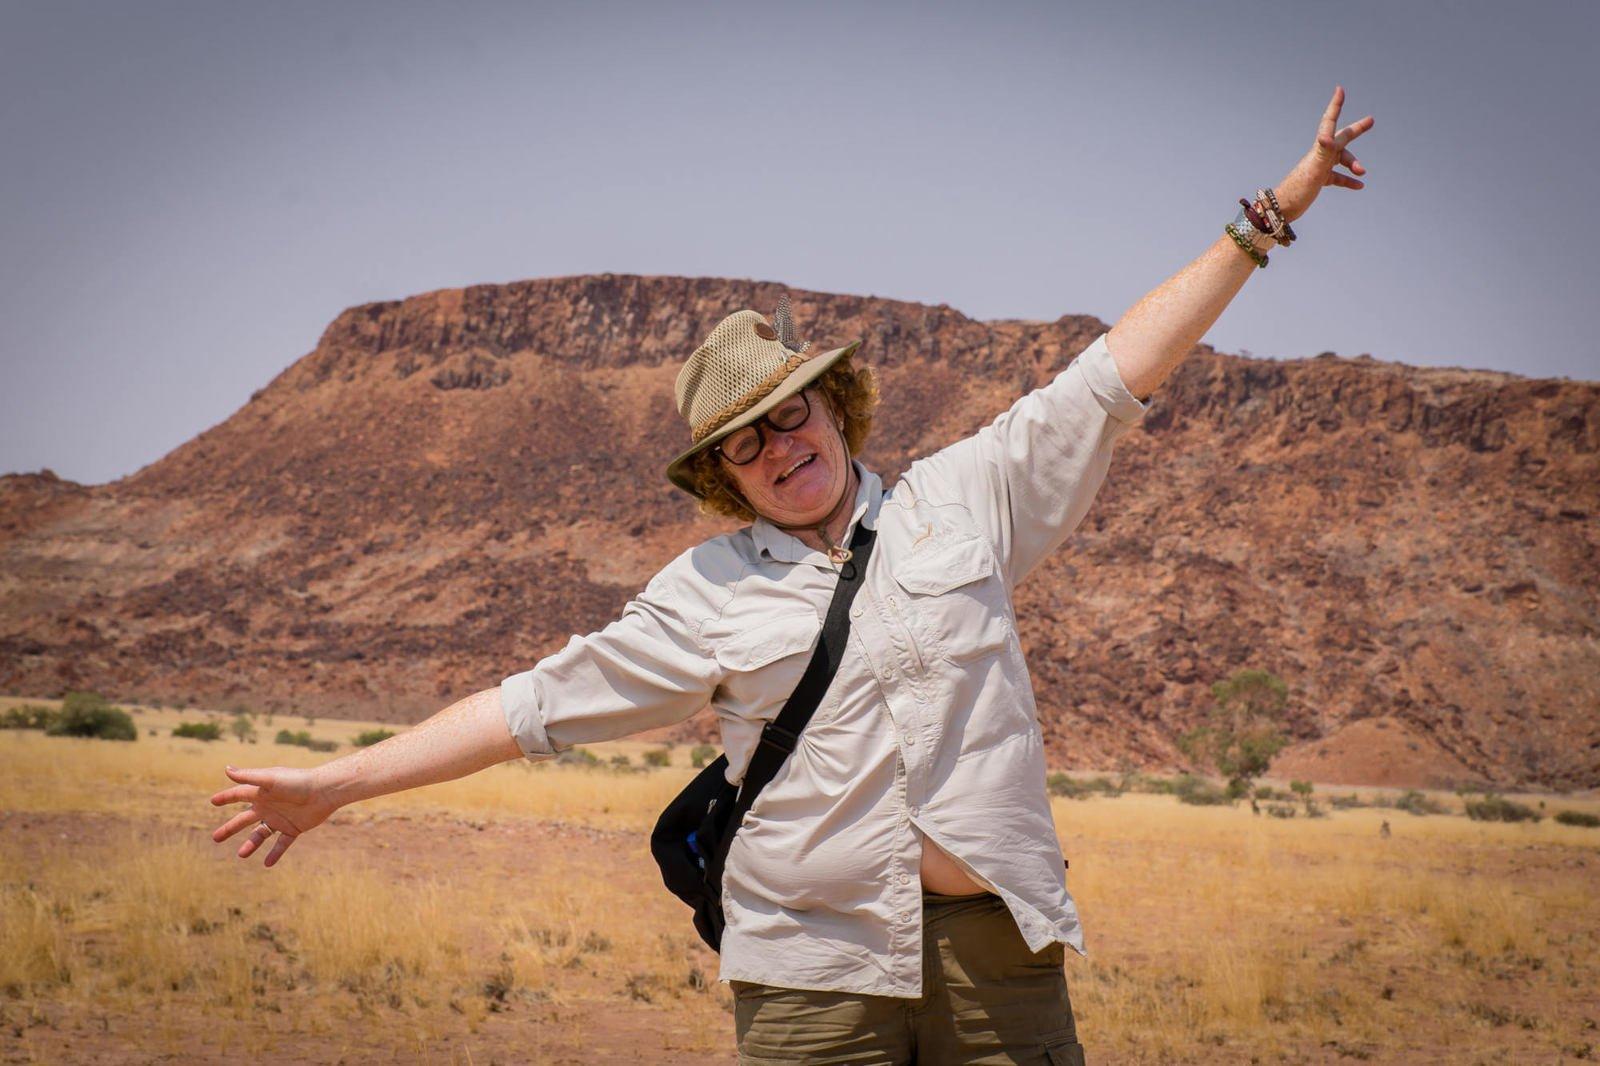 Guida safari professionista Caterina Migno